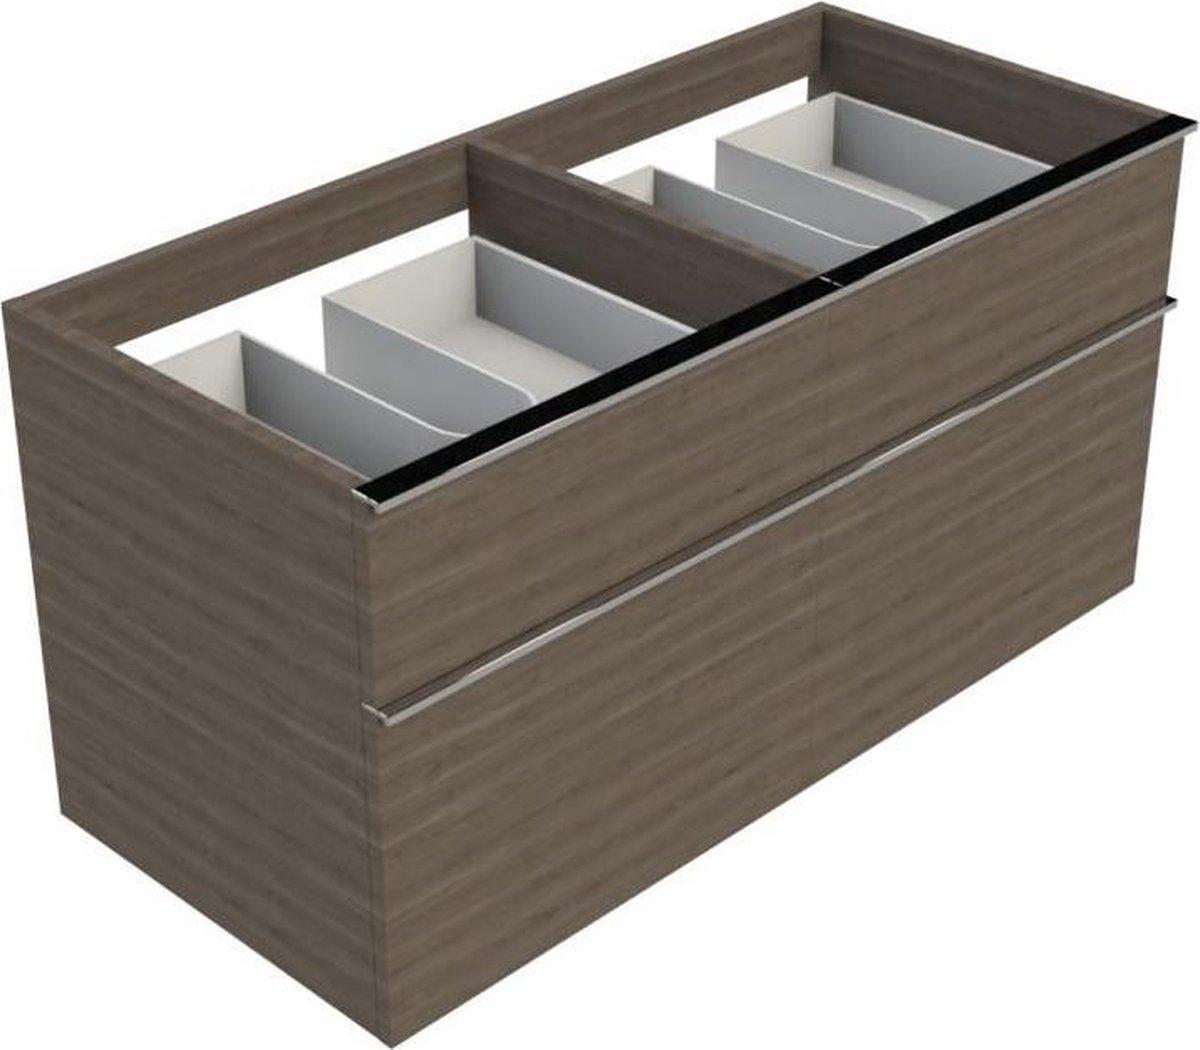 Sub 116 wastafelonderkast 120 cm met 4 laden, grijs eiken 50